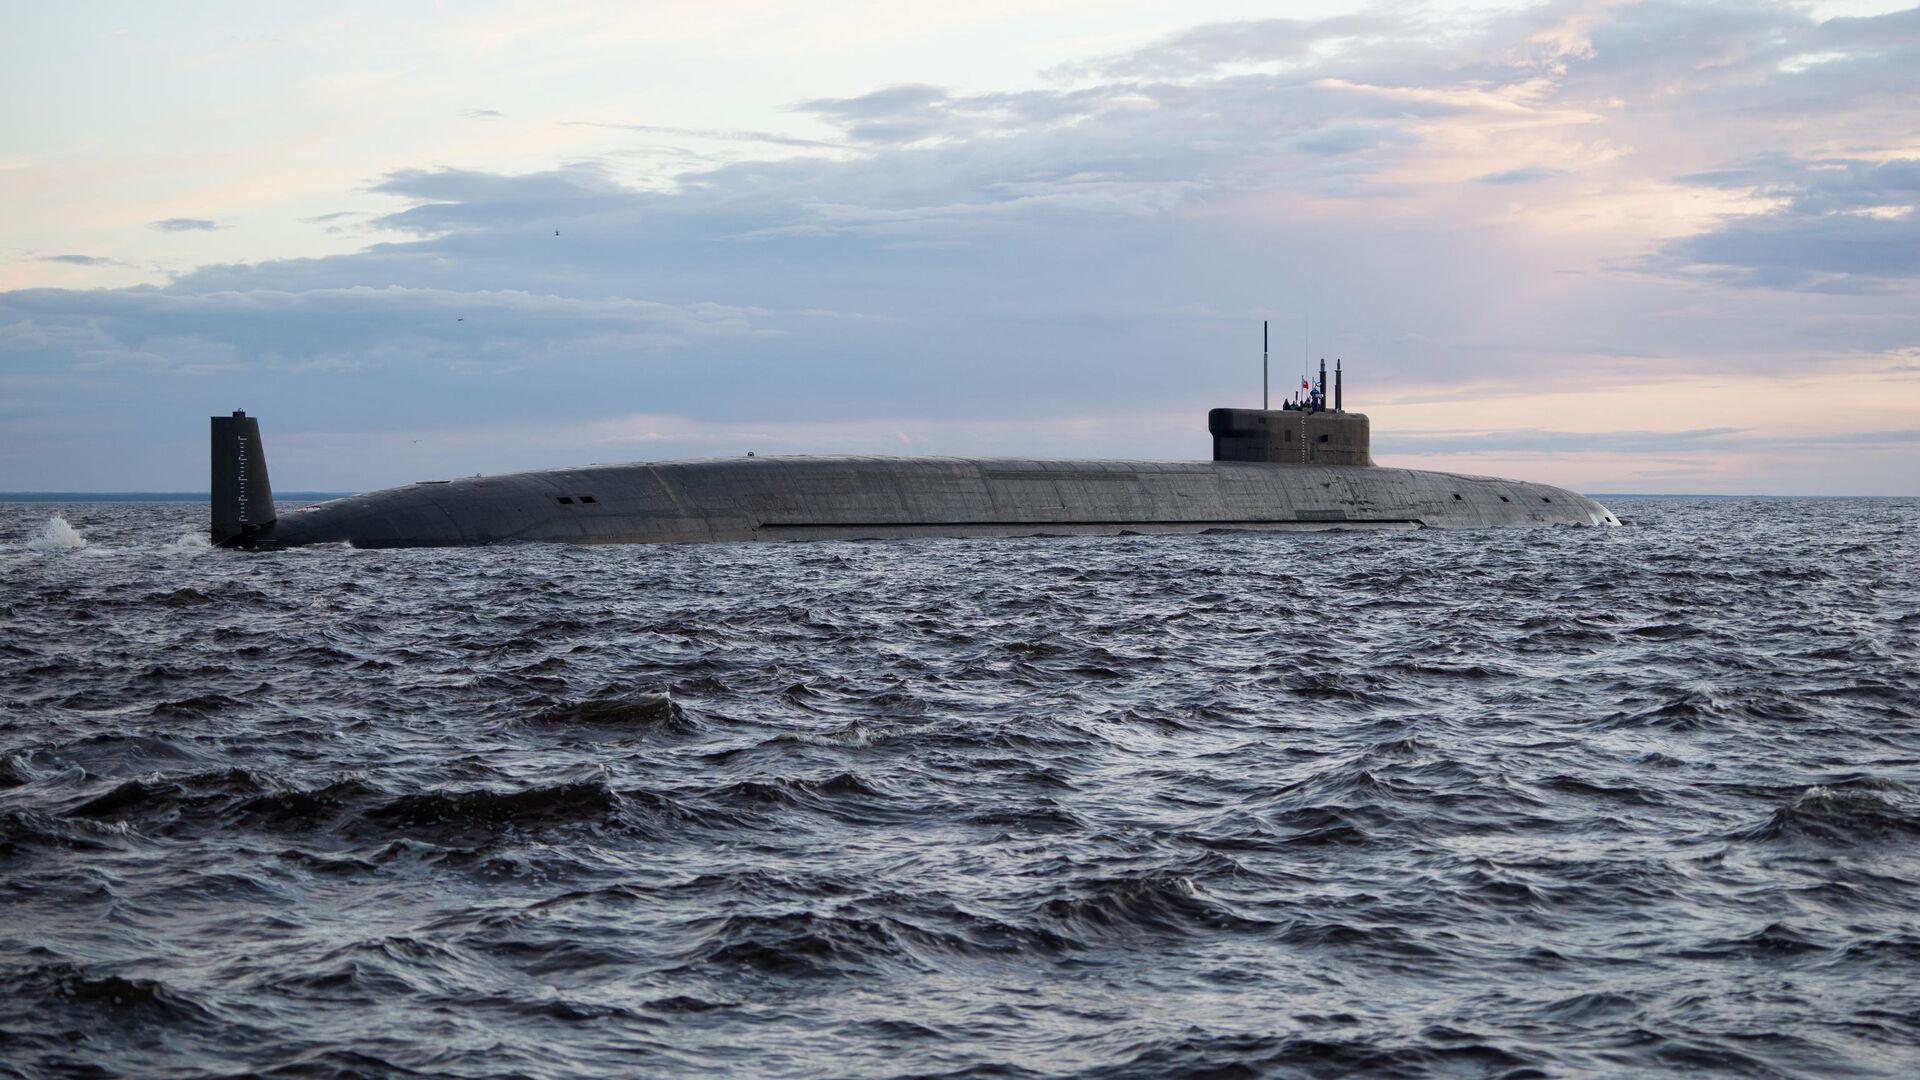 Атомная подводная лодка стратегического назначения Князь Владимир проекта 955А  - РИА Новости, 1920, 11.06.2021